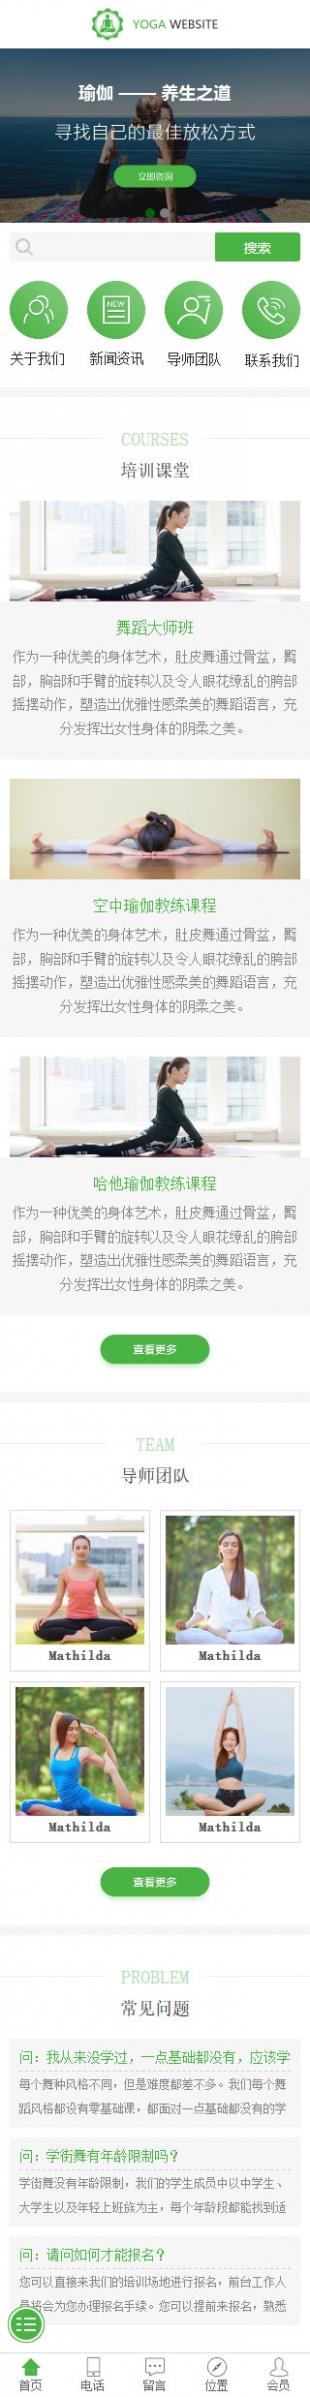 瑜伽健身类网站通用模板手机图片